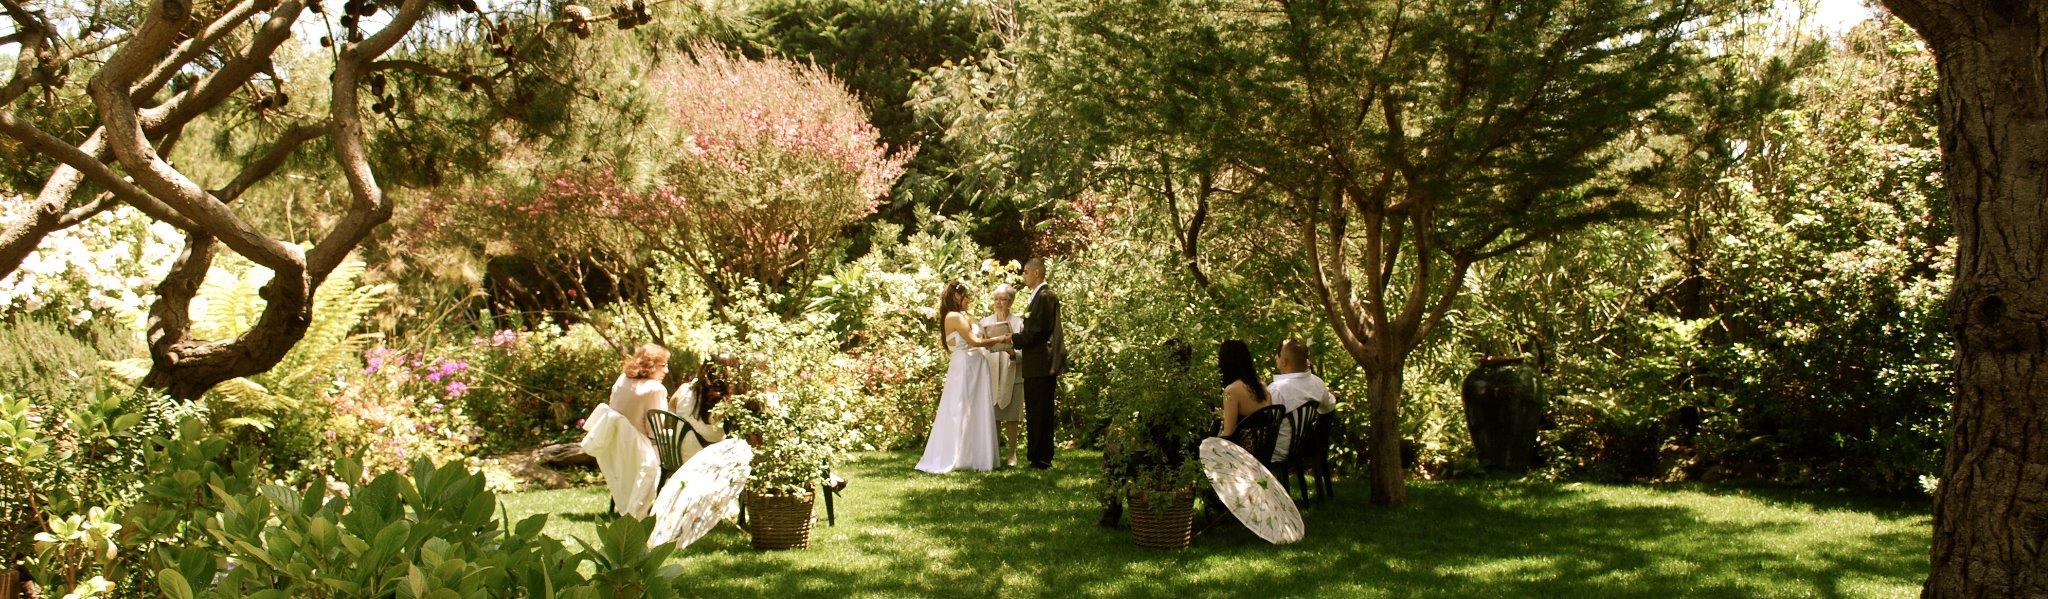 hastings house garden weddings